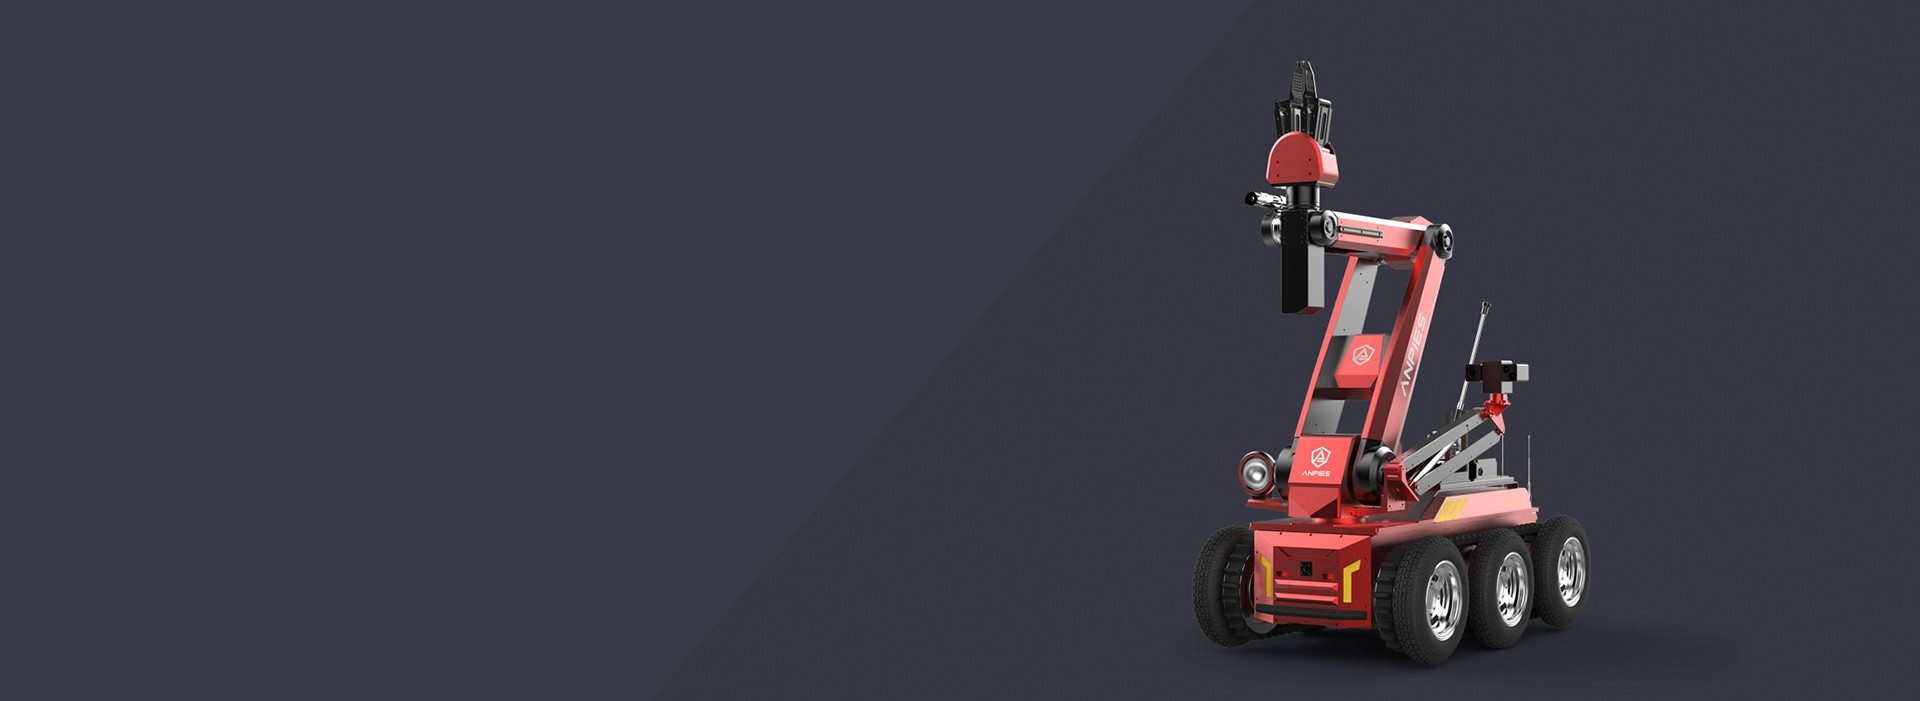 大中型排爆机器人      MR-5